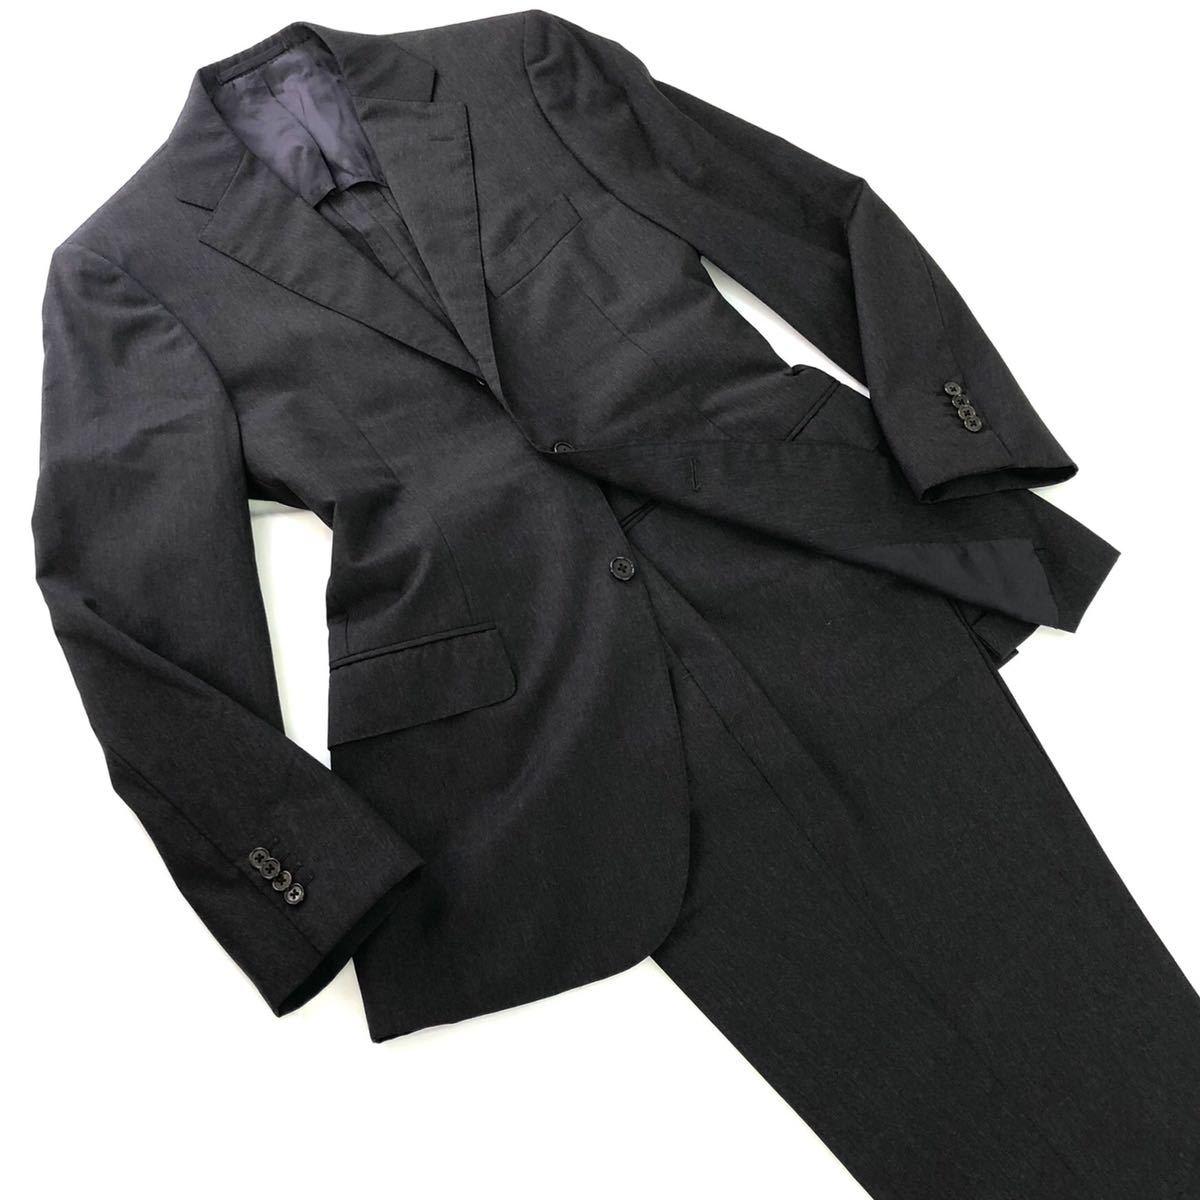 Ng29《美品》BEAMS F ビームスエフ シングルスーツ セットアップ 95 S~Mサイズ相当 チャコールグレー メンズ 男性用 紳士服 日本製